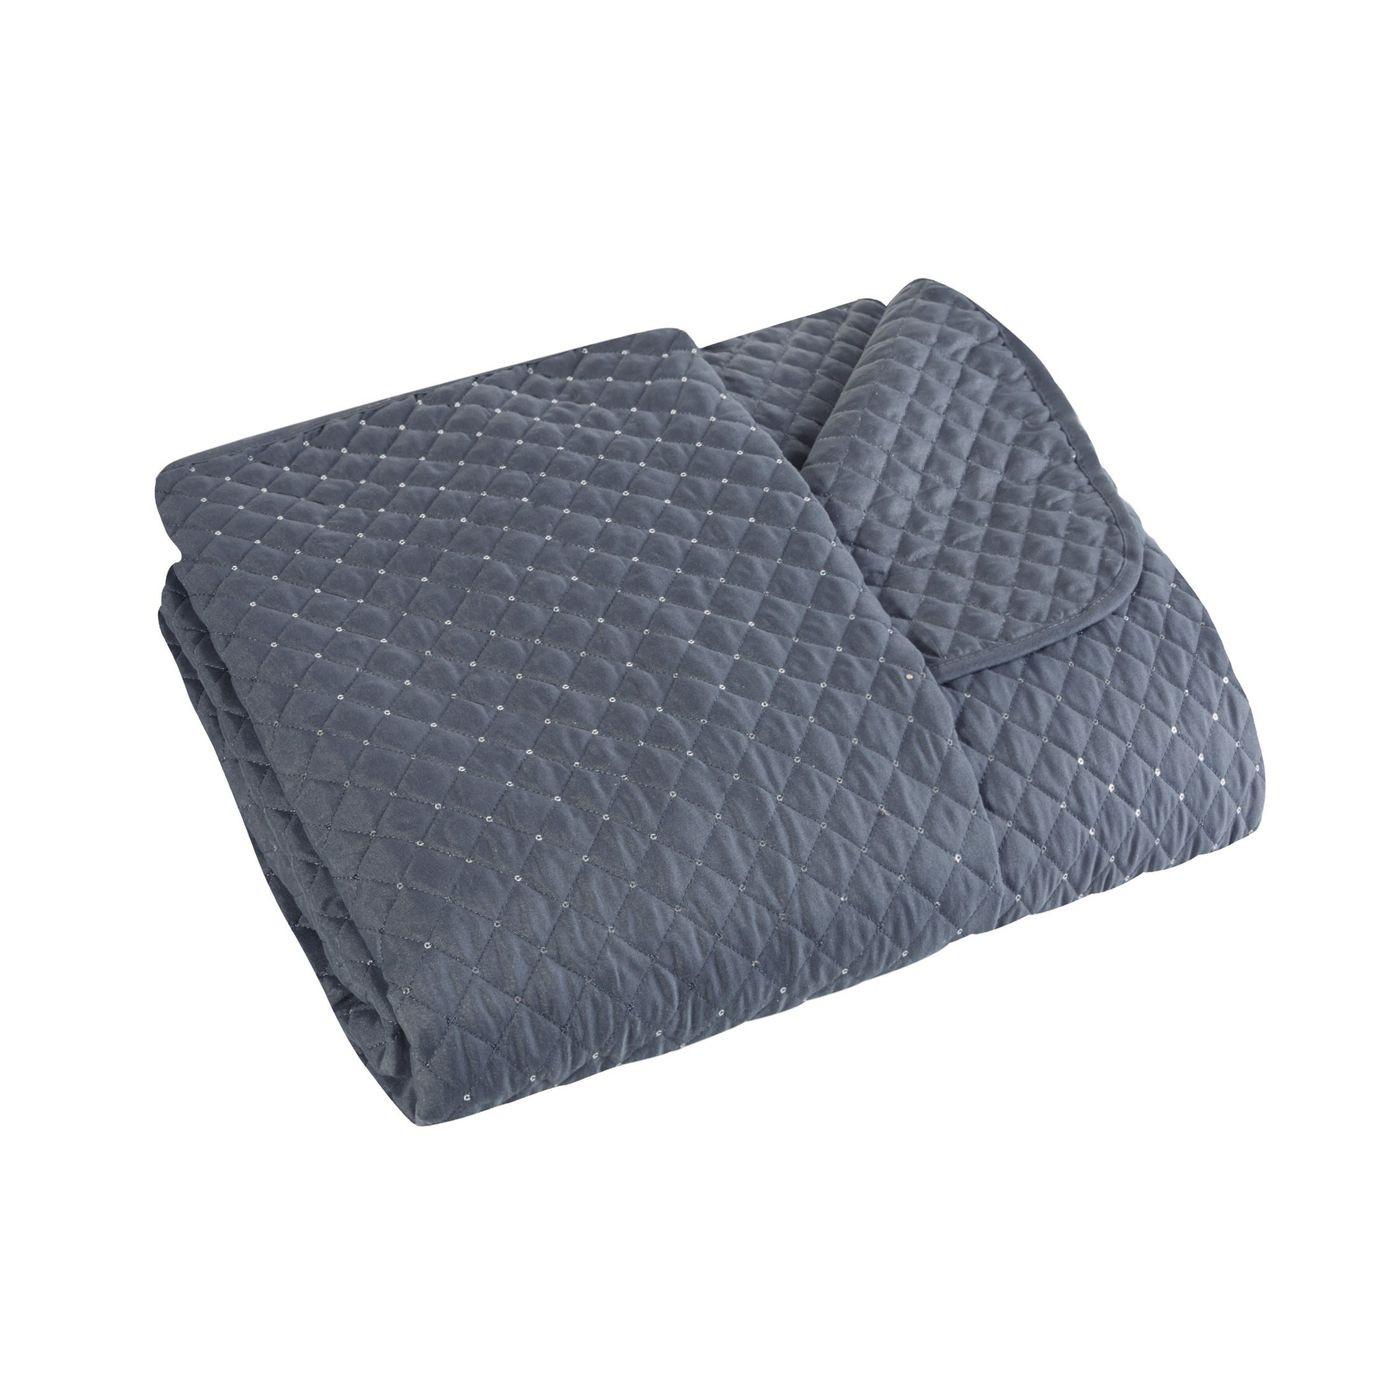 Narzuta na łóżko miękka zdobiona cekinami 170x210 cm stalowa